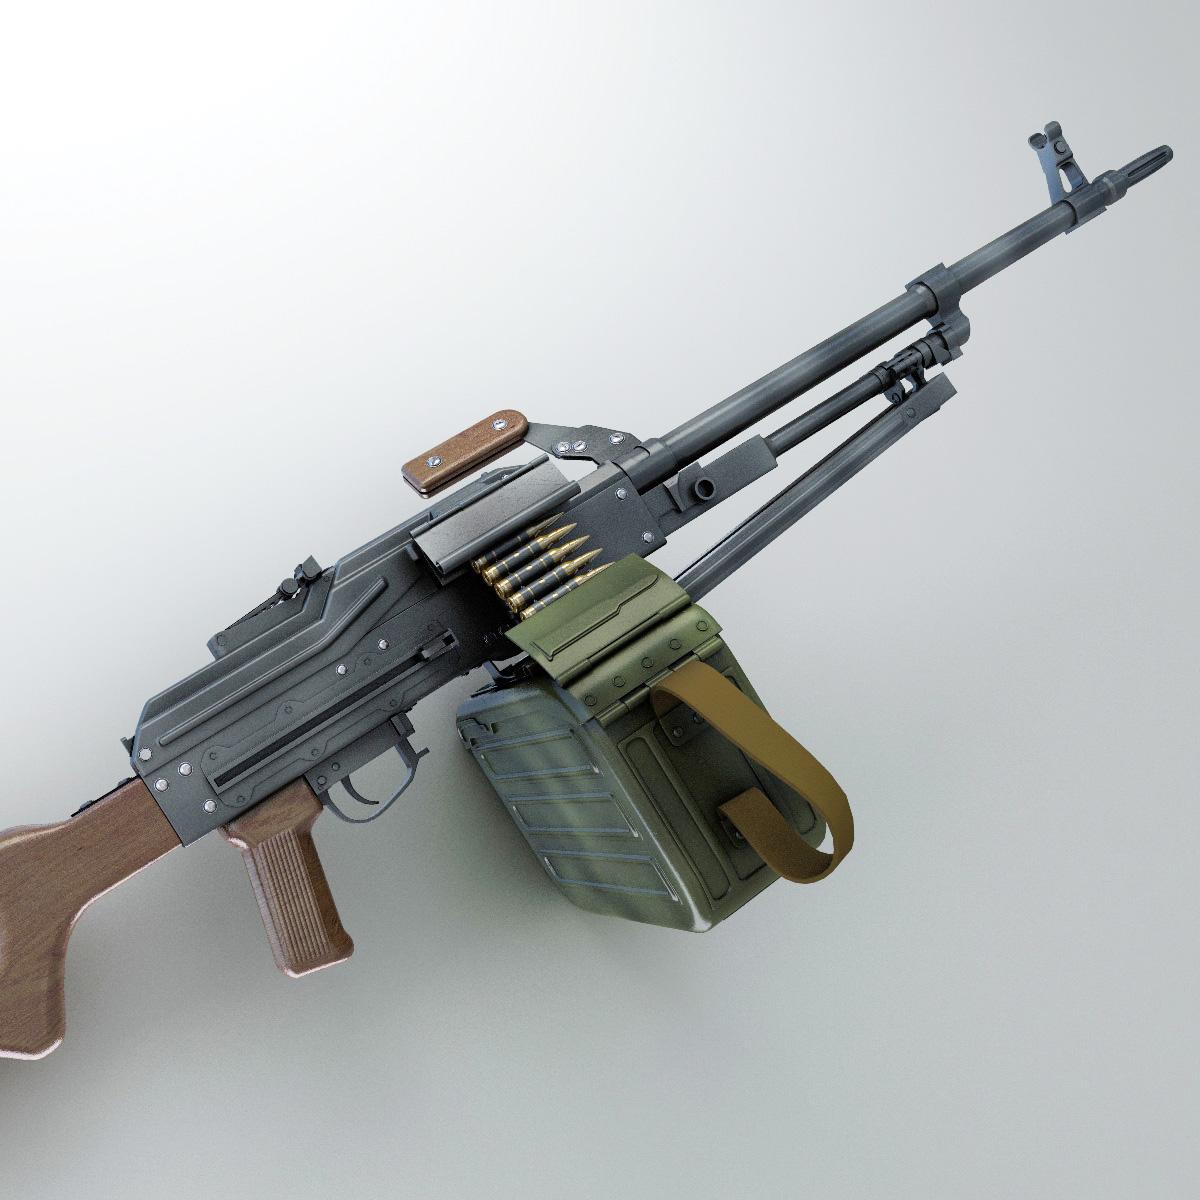 3d Gun Image 3d Home Architect: PK Machine Gun Hi-Res 3D Model MAX OBJ FBX LWO LW LWS MA